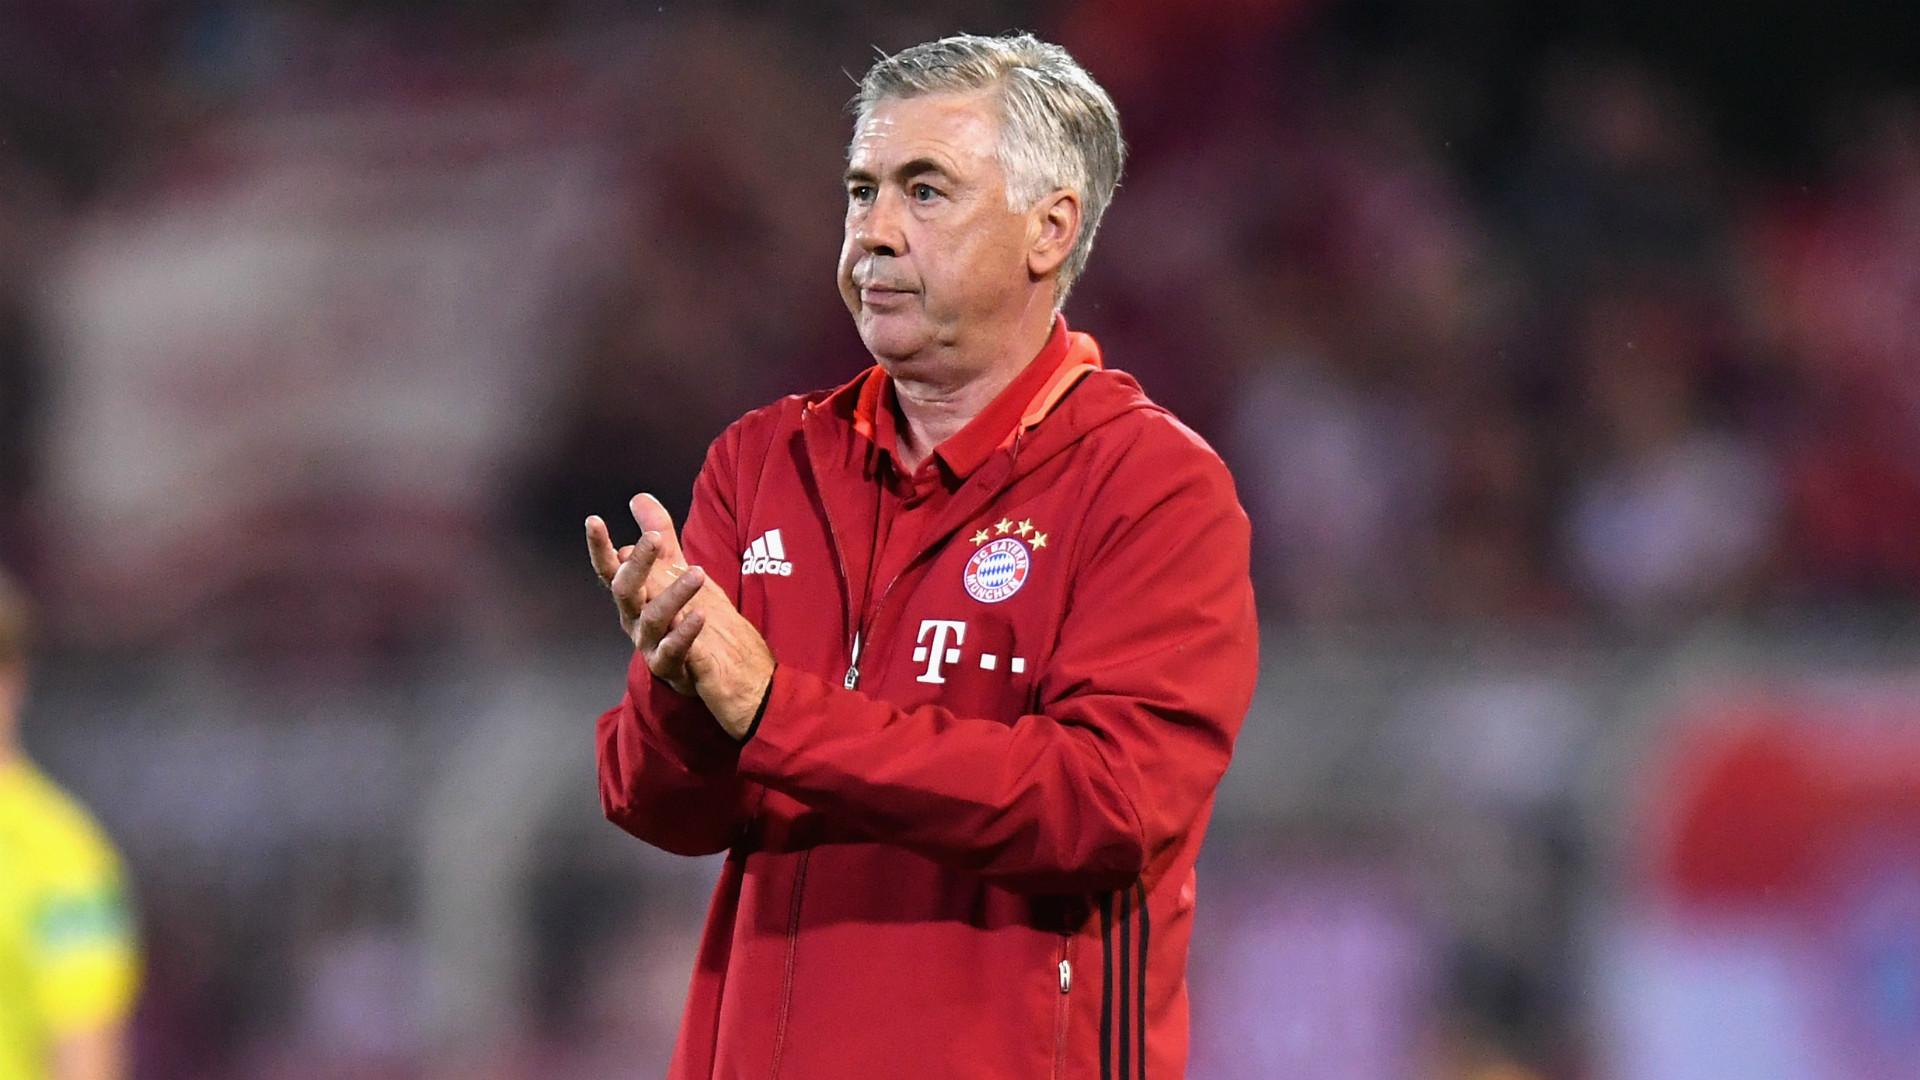 Jogadores do Bayern exaltam a 'liderança silenciosa' de Ancelotti